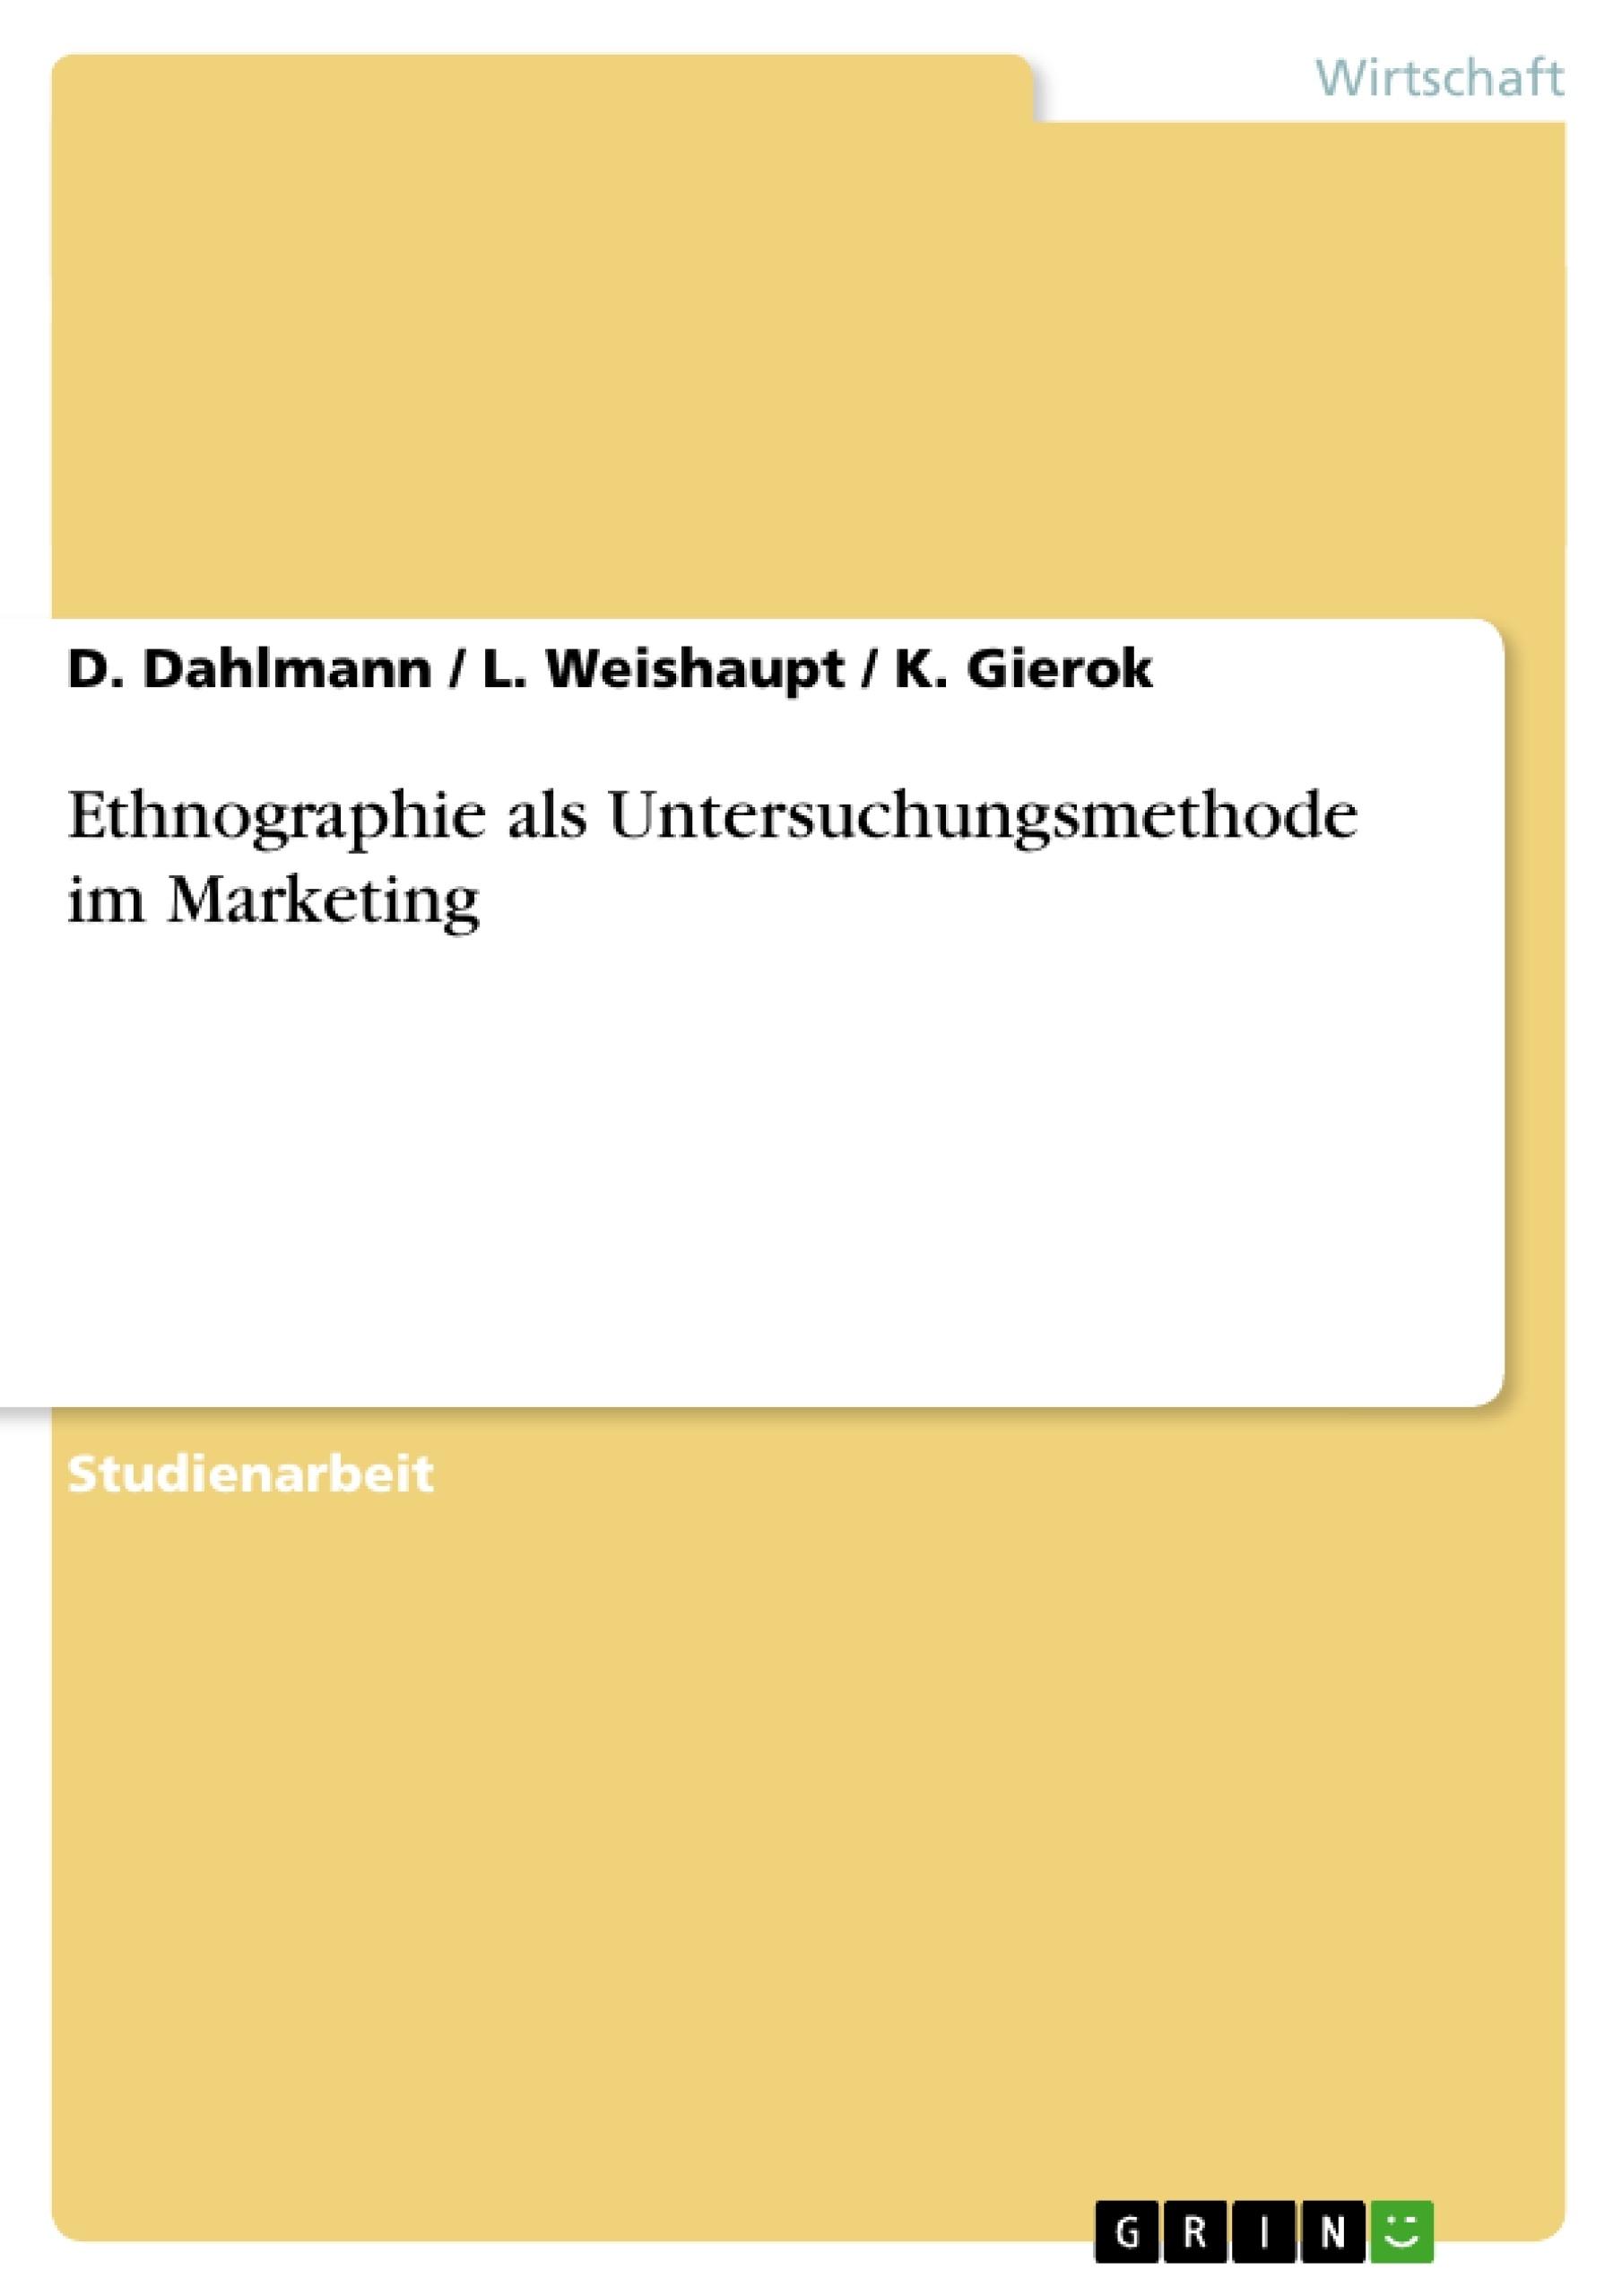 Titel: Ethnographie als Untersuchungsmethode im Marketing